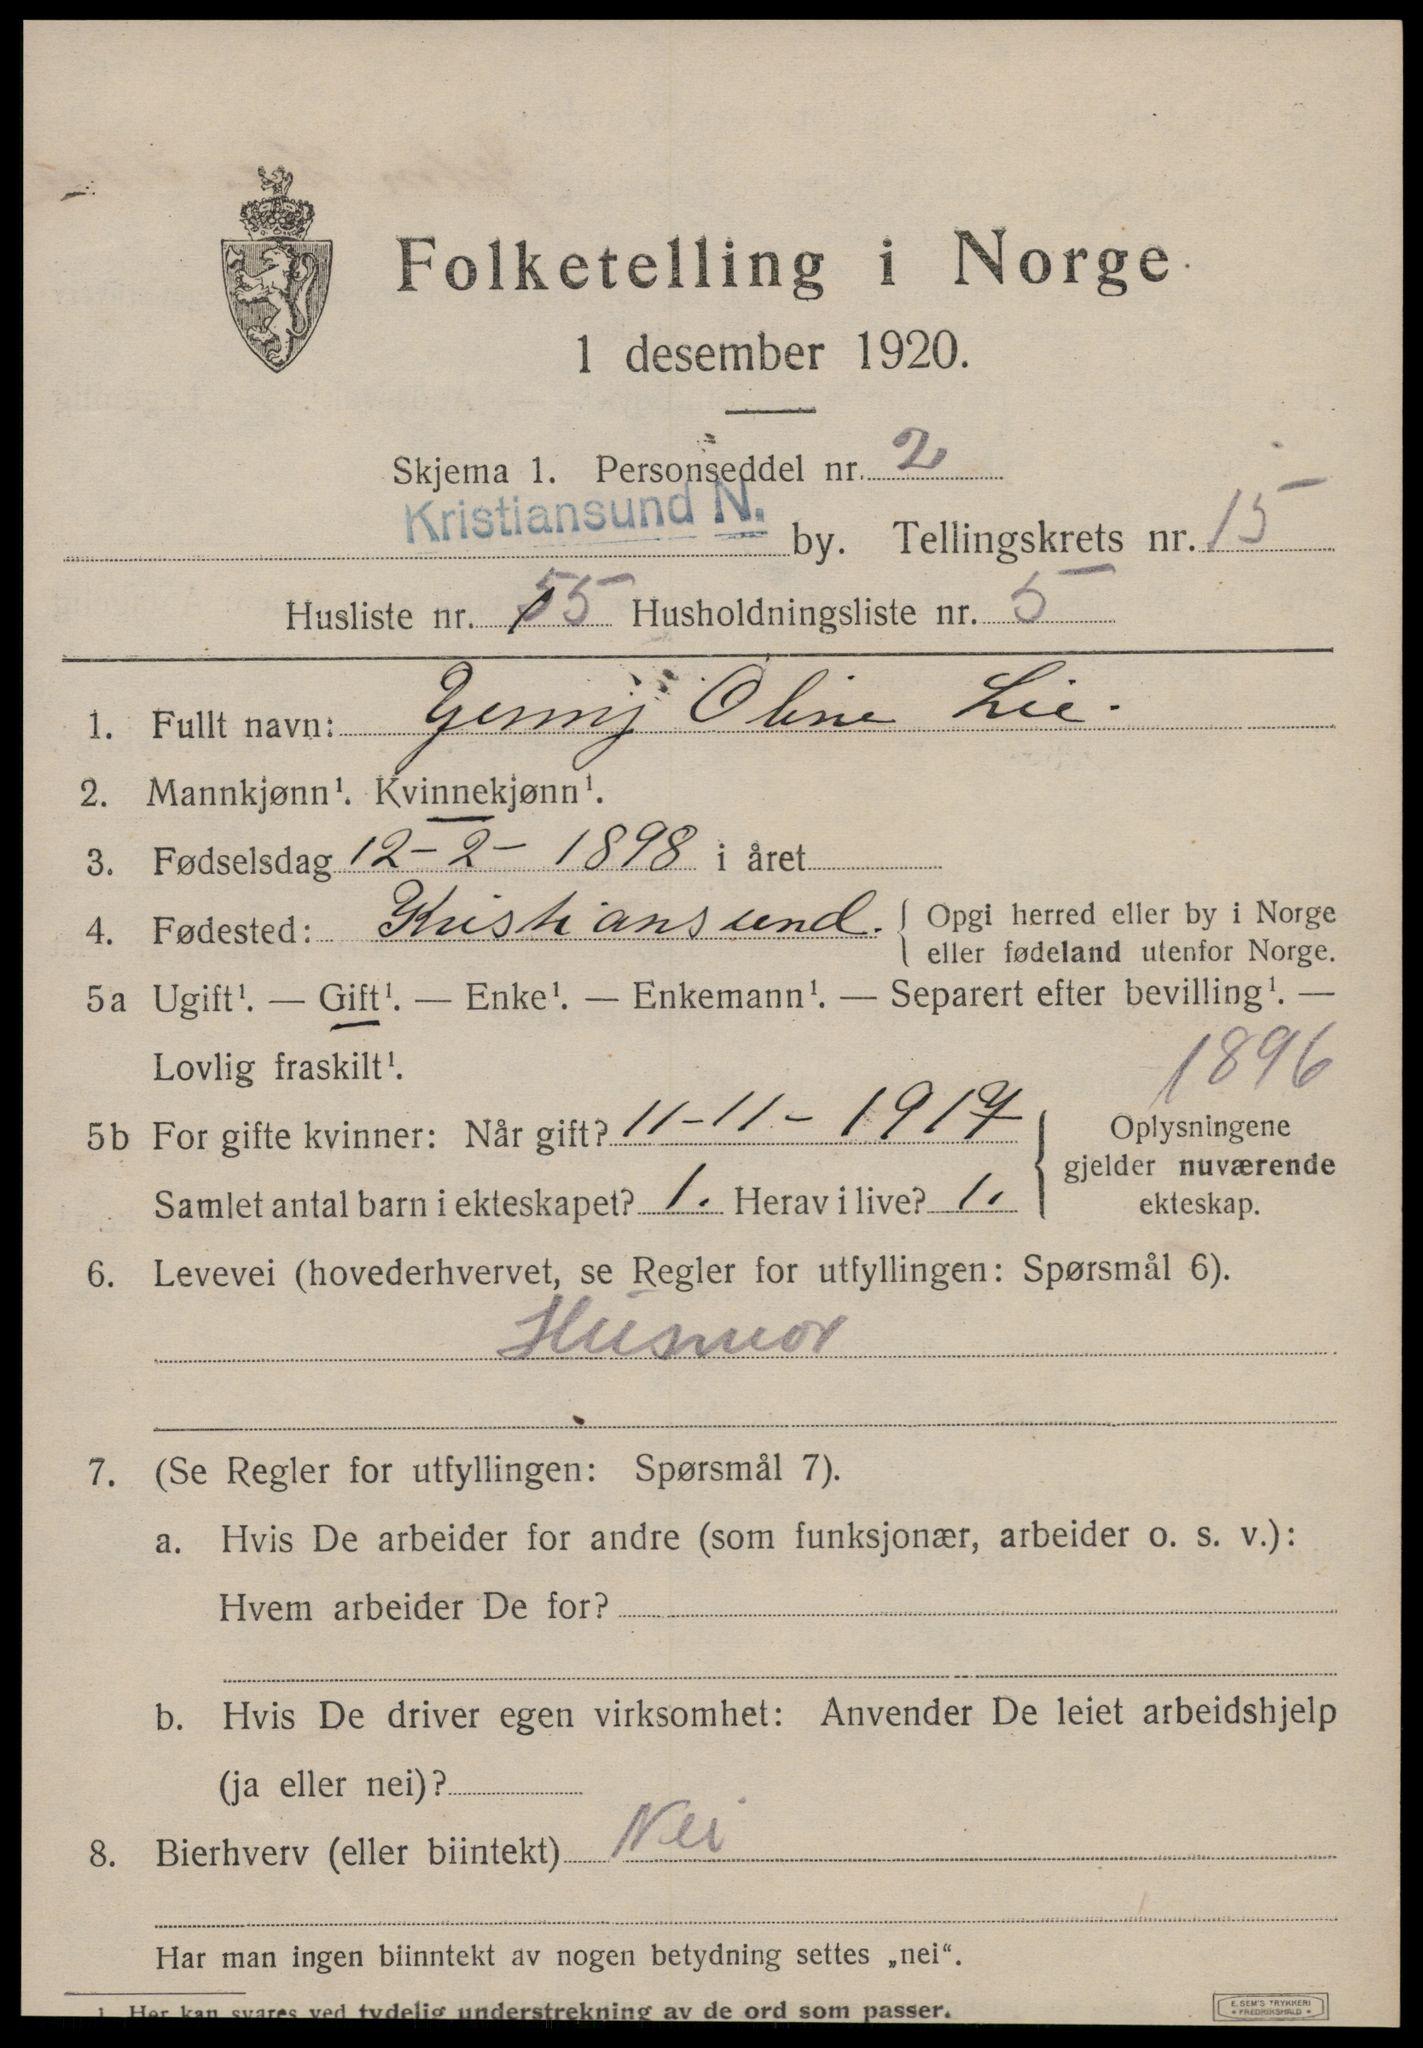 SAT, 1920 census for Kristiansund, 1920, p. 31963